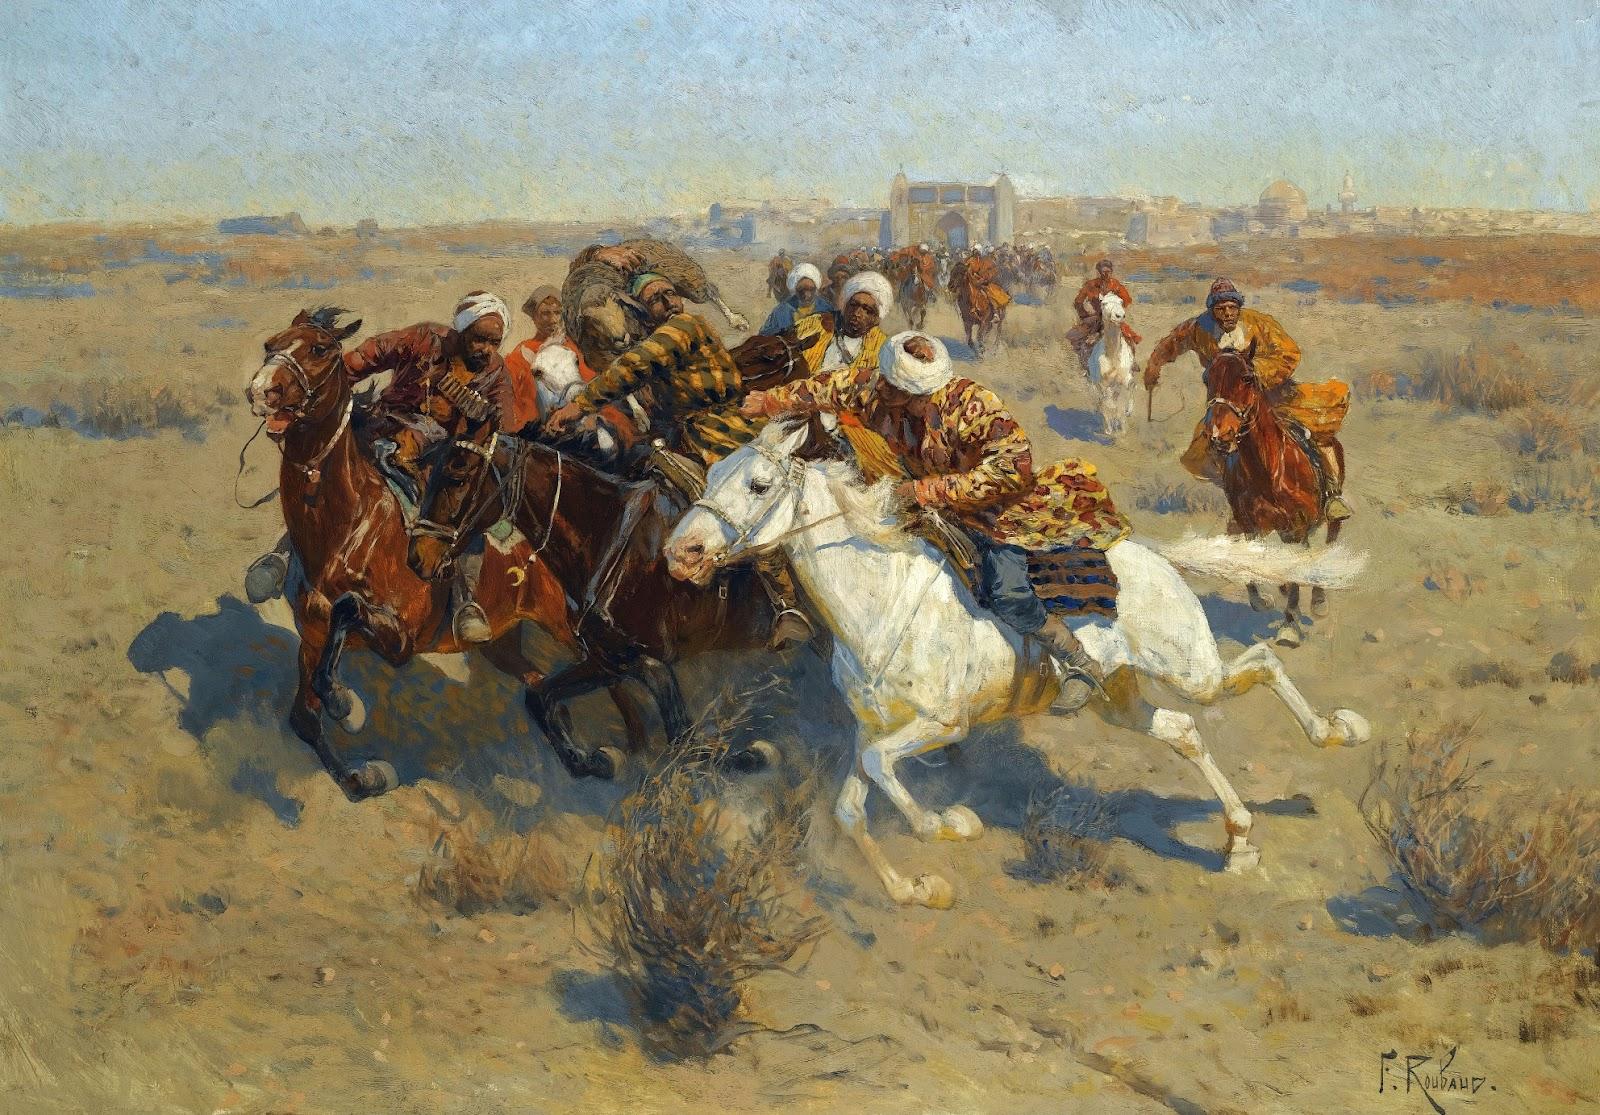 Franz Roubaud - A Game of Buzkashi